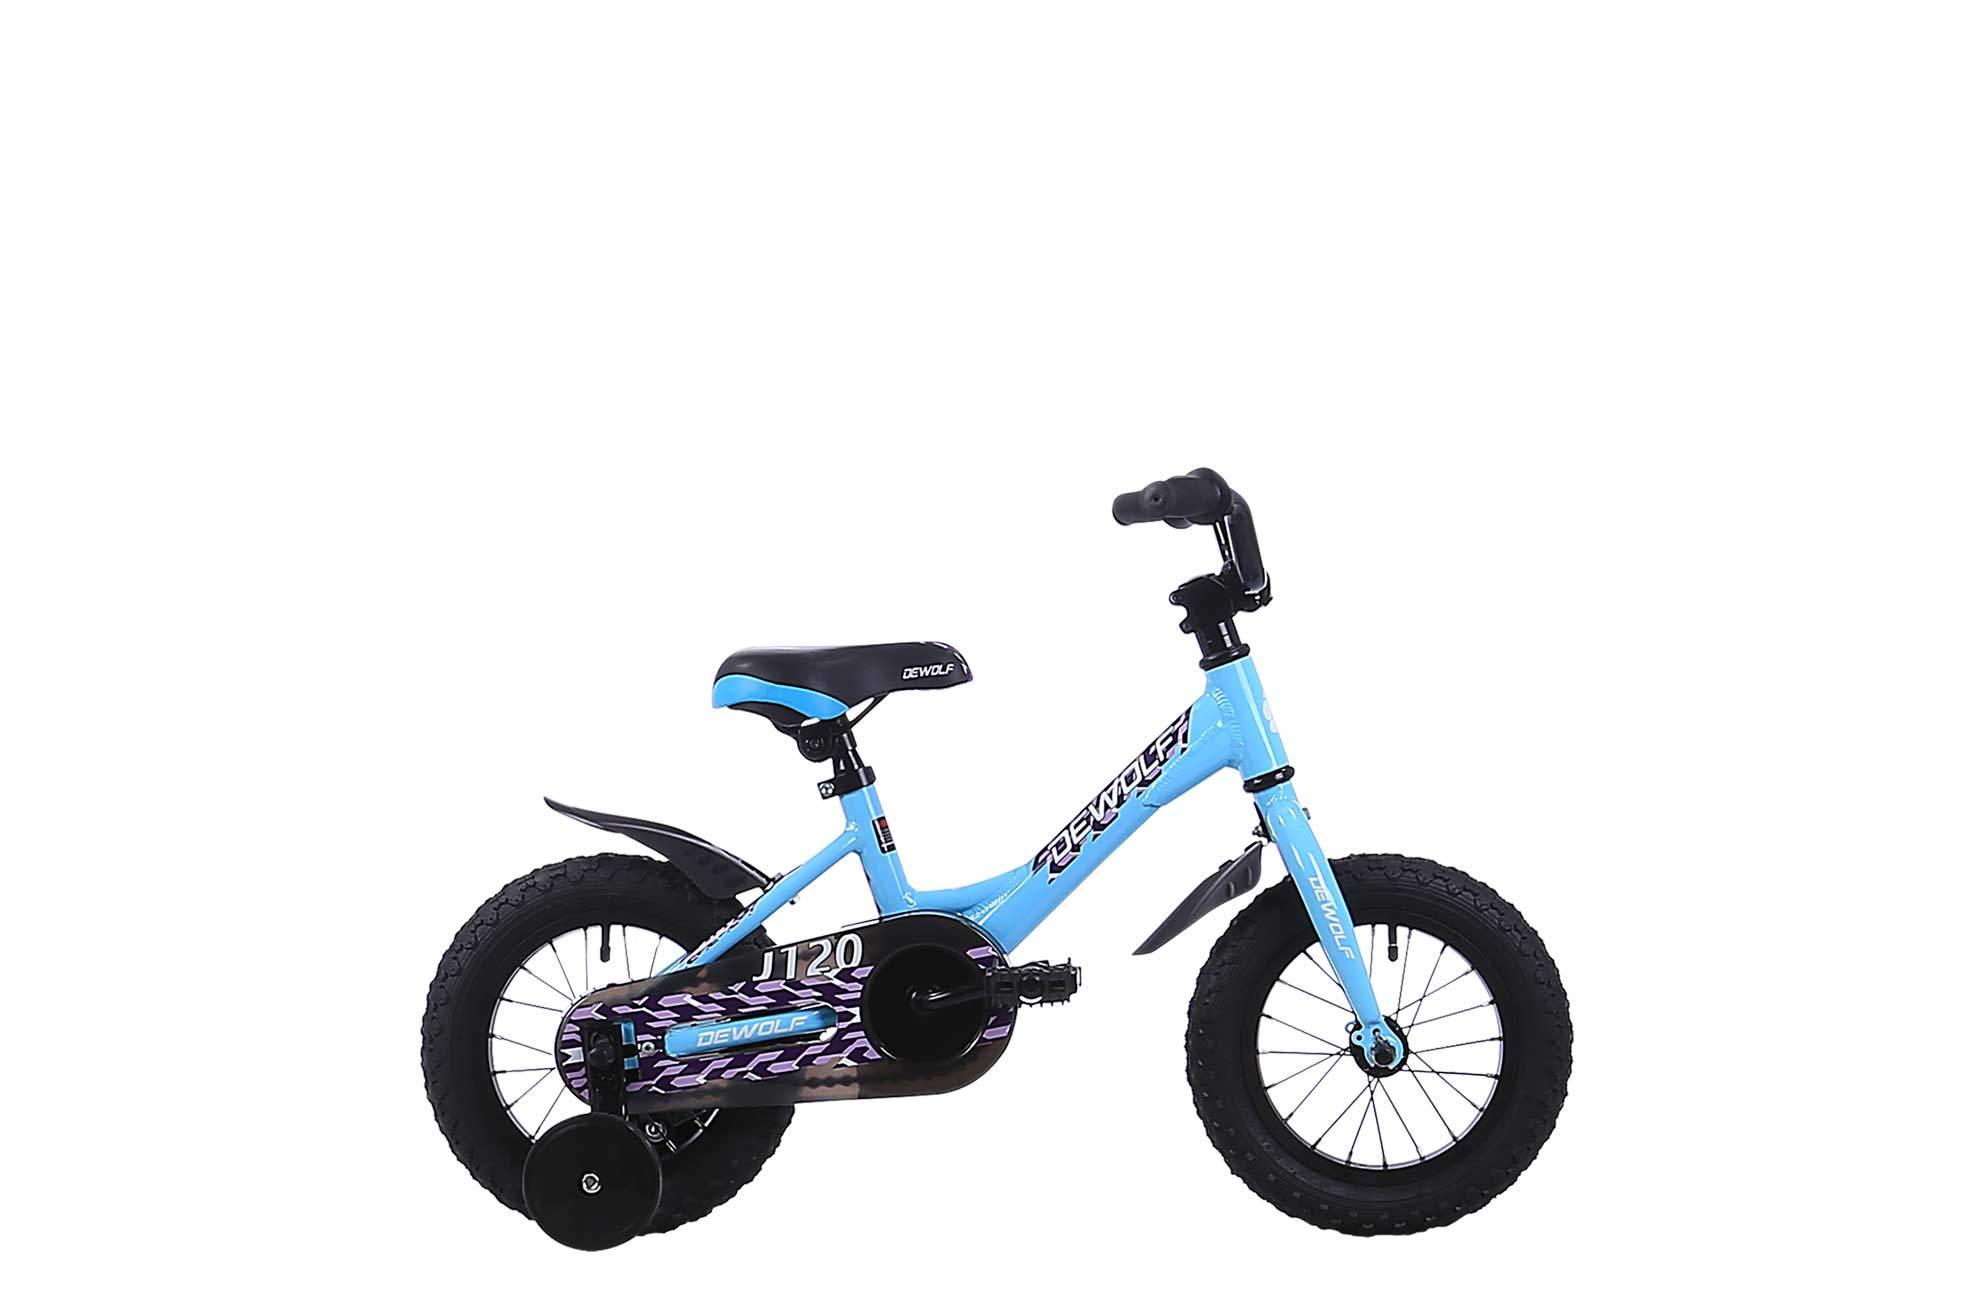 Dewolf J120 Girl (2016)от 3 лет<br>Любовь к велосипеду с первых лет жизни. Кто знает, может яркий и стильный J120 станет первым велосипедом будущего чемпиона.<br>Легкая, прочная алюминиевая рама, колеса 12, тренировочные колеса в комплекте, надежная и безопасная конструкция.<br><br><br>Алюминиевые обода - ни грамма лишнего веса<br>Легкая и прочная алюминиевая рама<br>Простой и понятный ножной тормоз.<br>Простая в использовании трансмиссия<br>Всего одна передача - чем проще, тем лучше!<br>Прочная и надежная стальная вилка - прослужит очень долго<br>